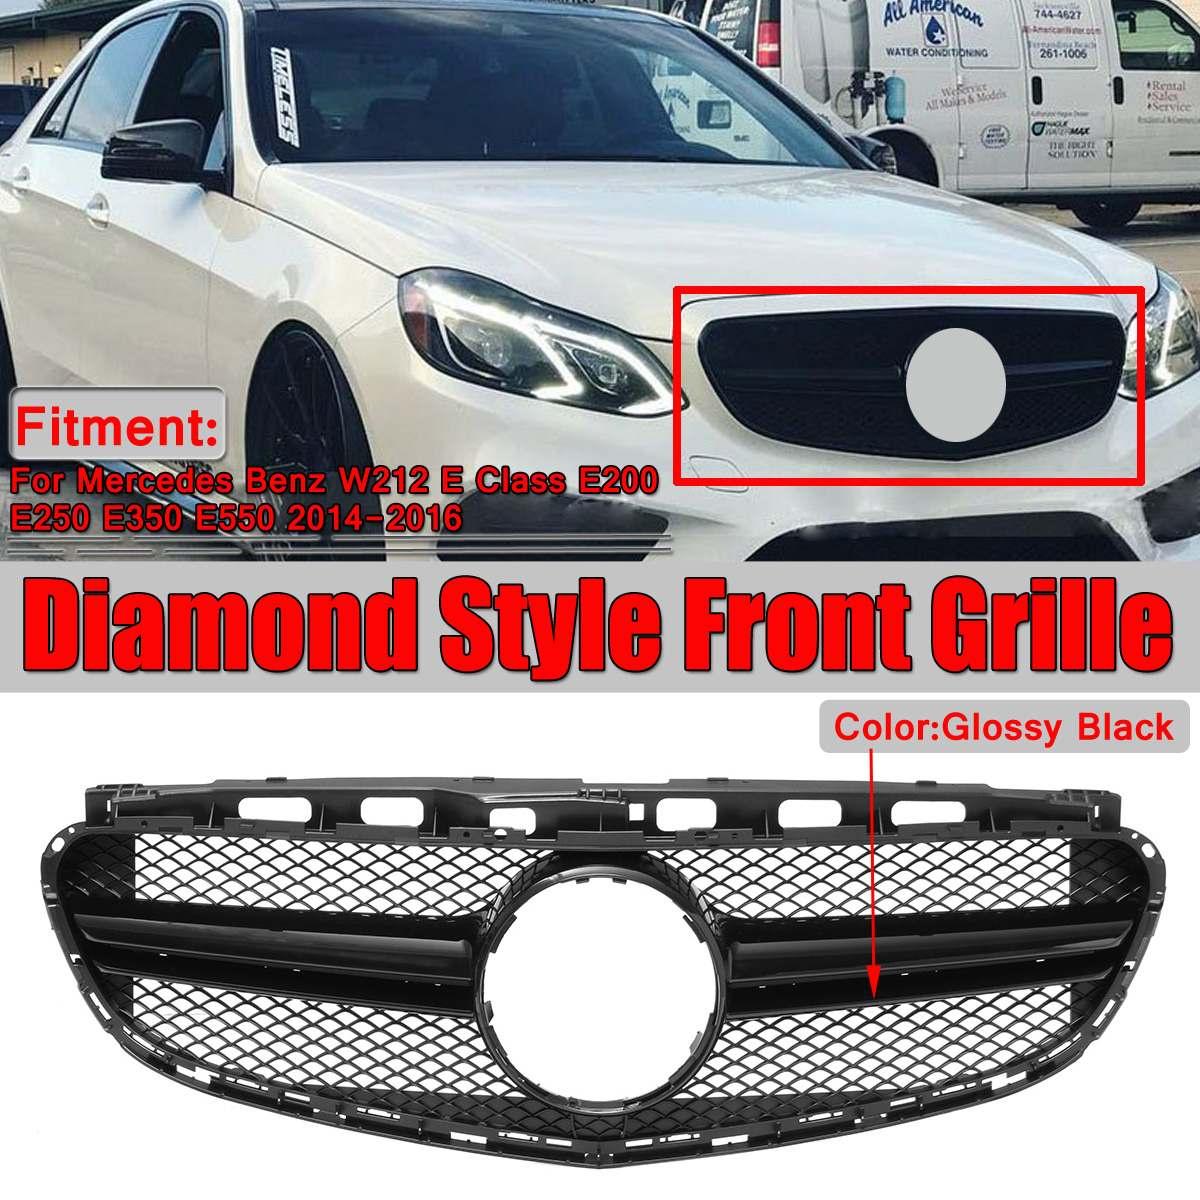 E63 Look Style W212 Grill Diamond Car Front Grill Grille For Mercedes For Benz W212 E Class E200 E250 E350 E550 2014 2015 2016